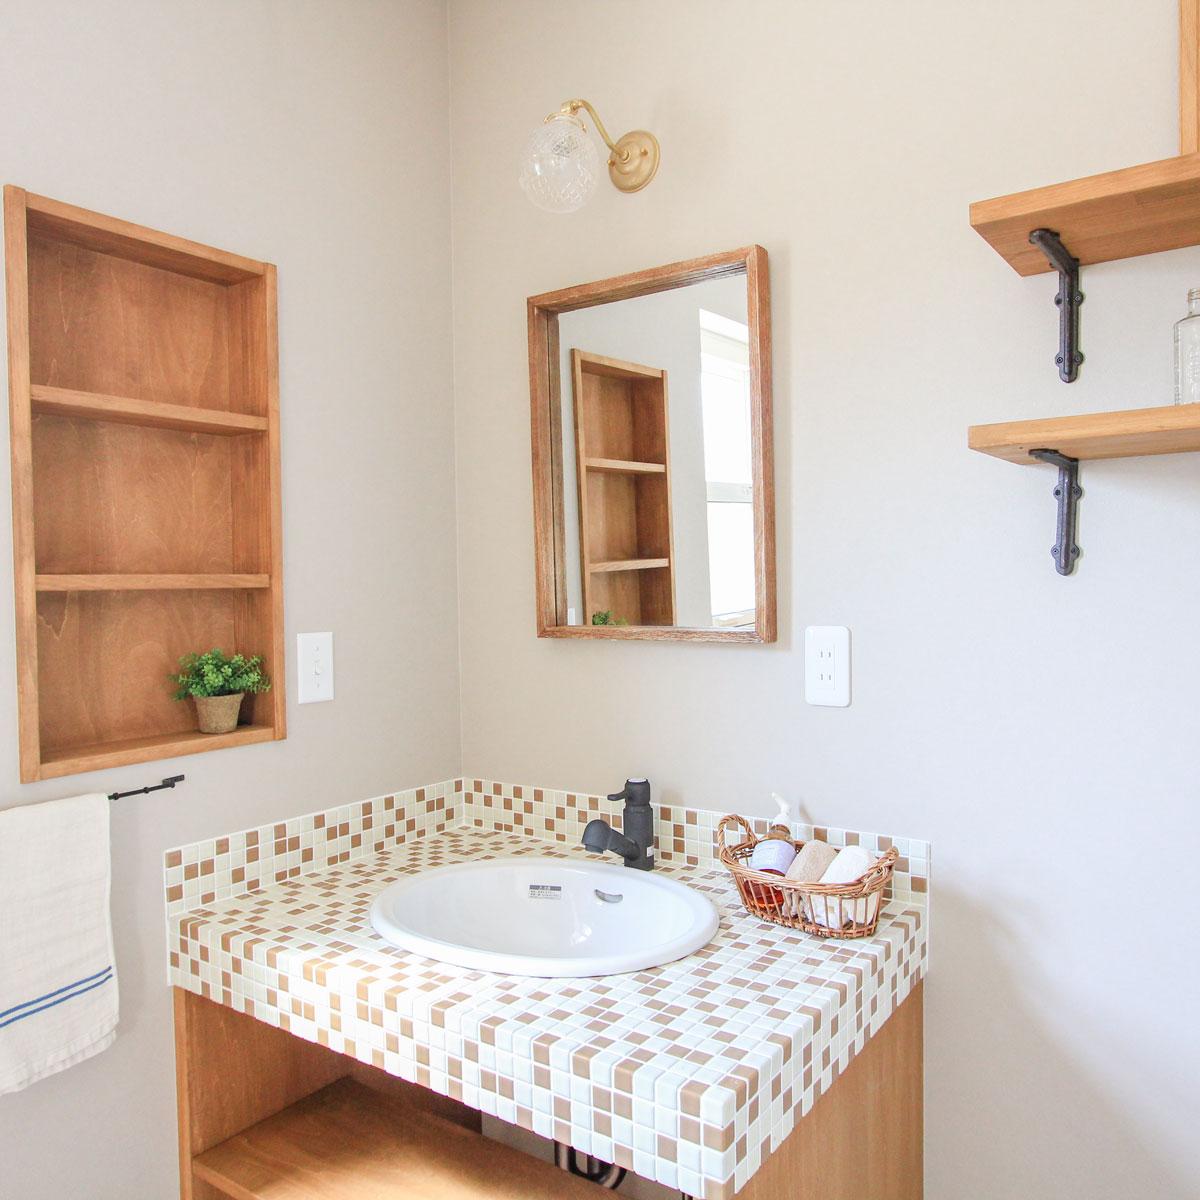 ブラウンのモザイクタイルでカントリーテイストに仕上げた洗面台